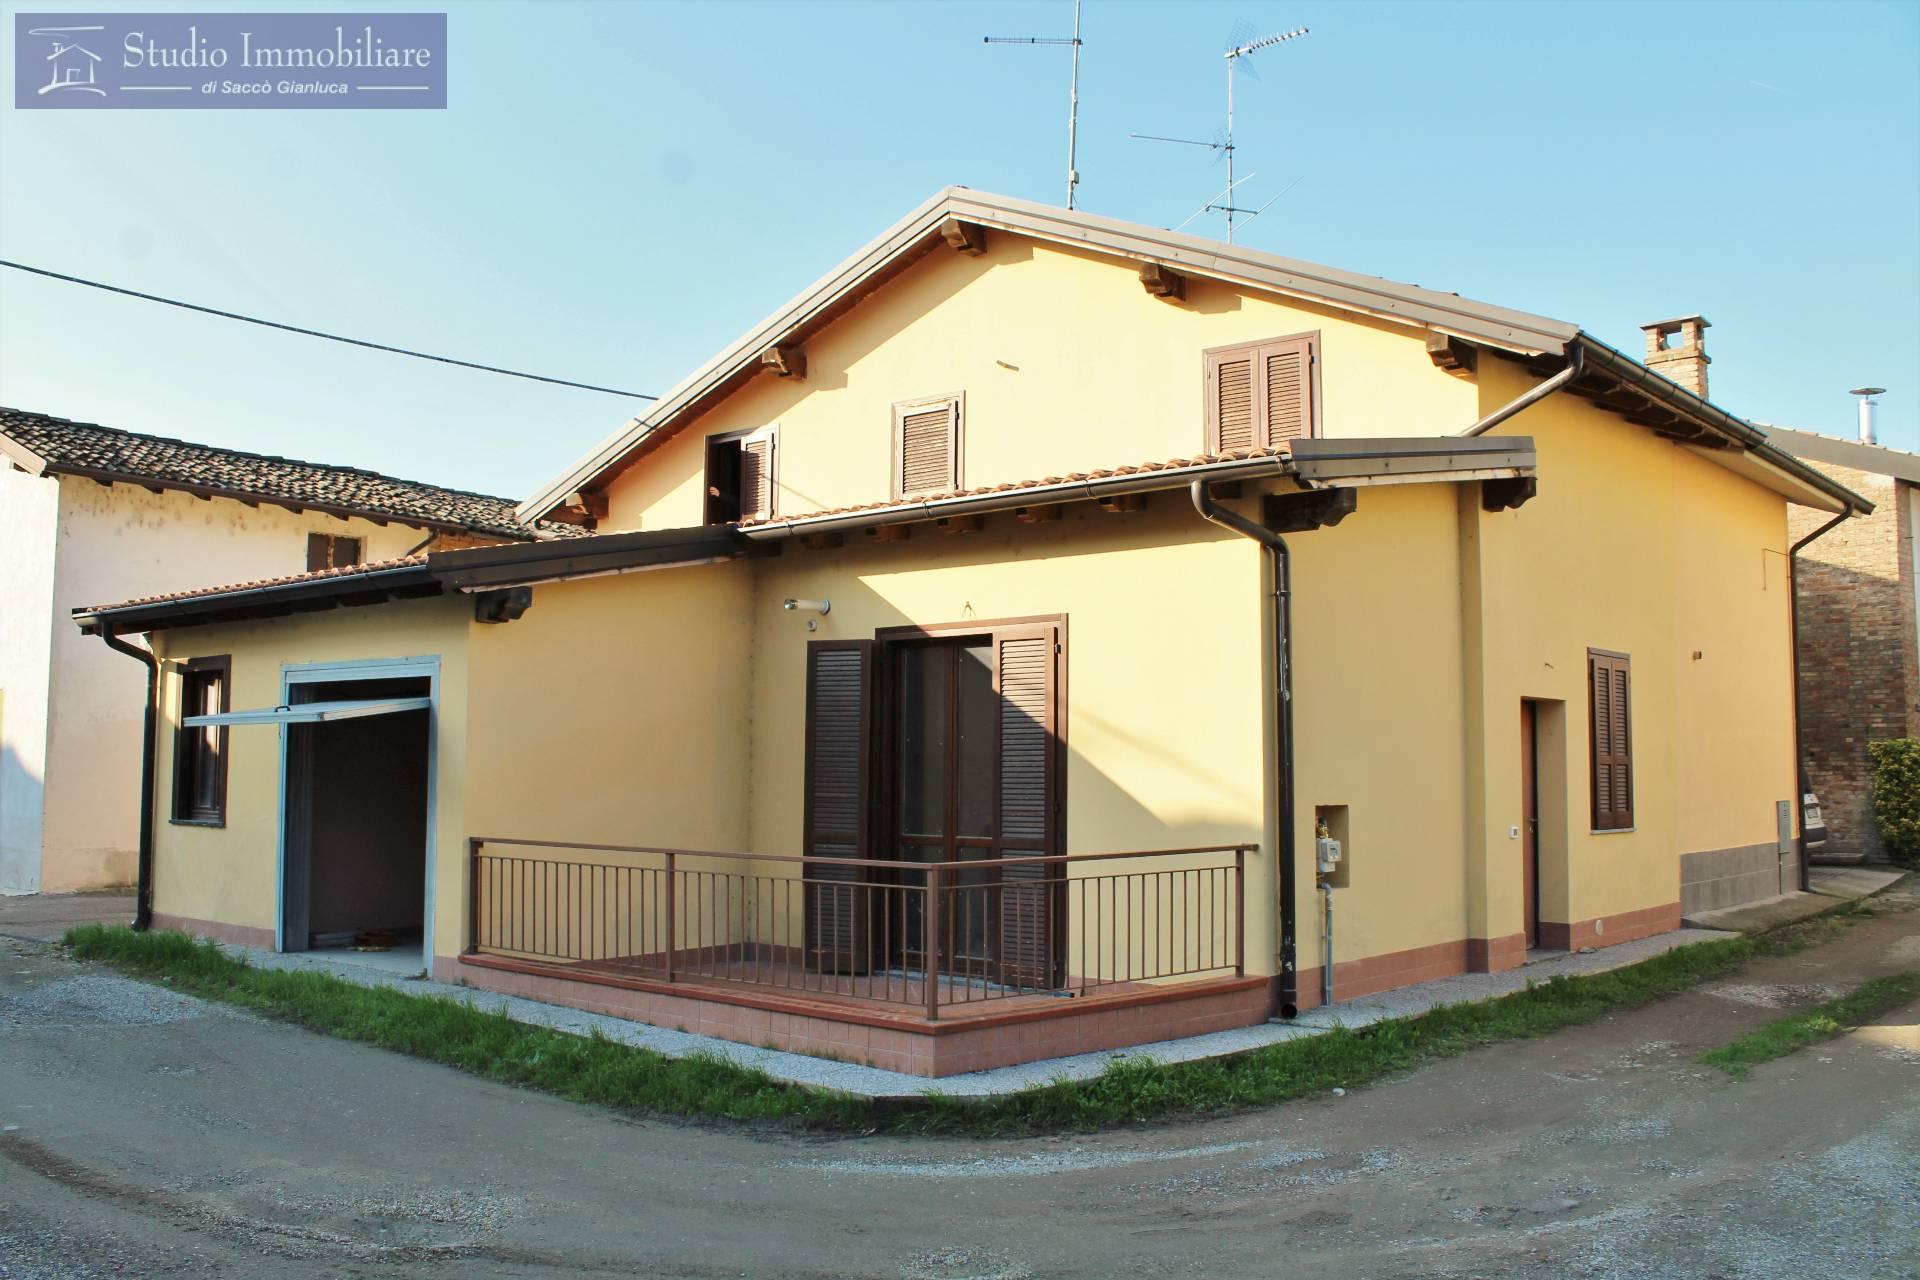 Villa a Schiera in vendita a Lungavilla, 3 locali, prezzo € 89.000   CambioCasa.it